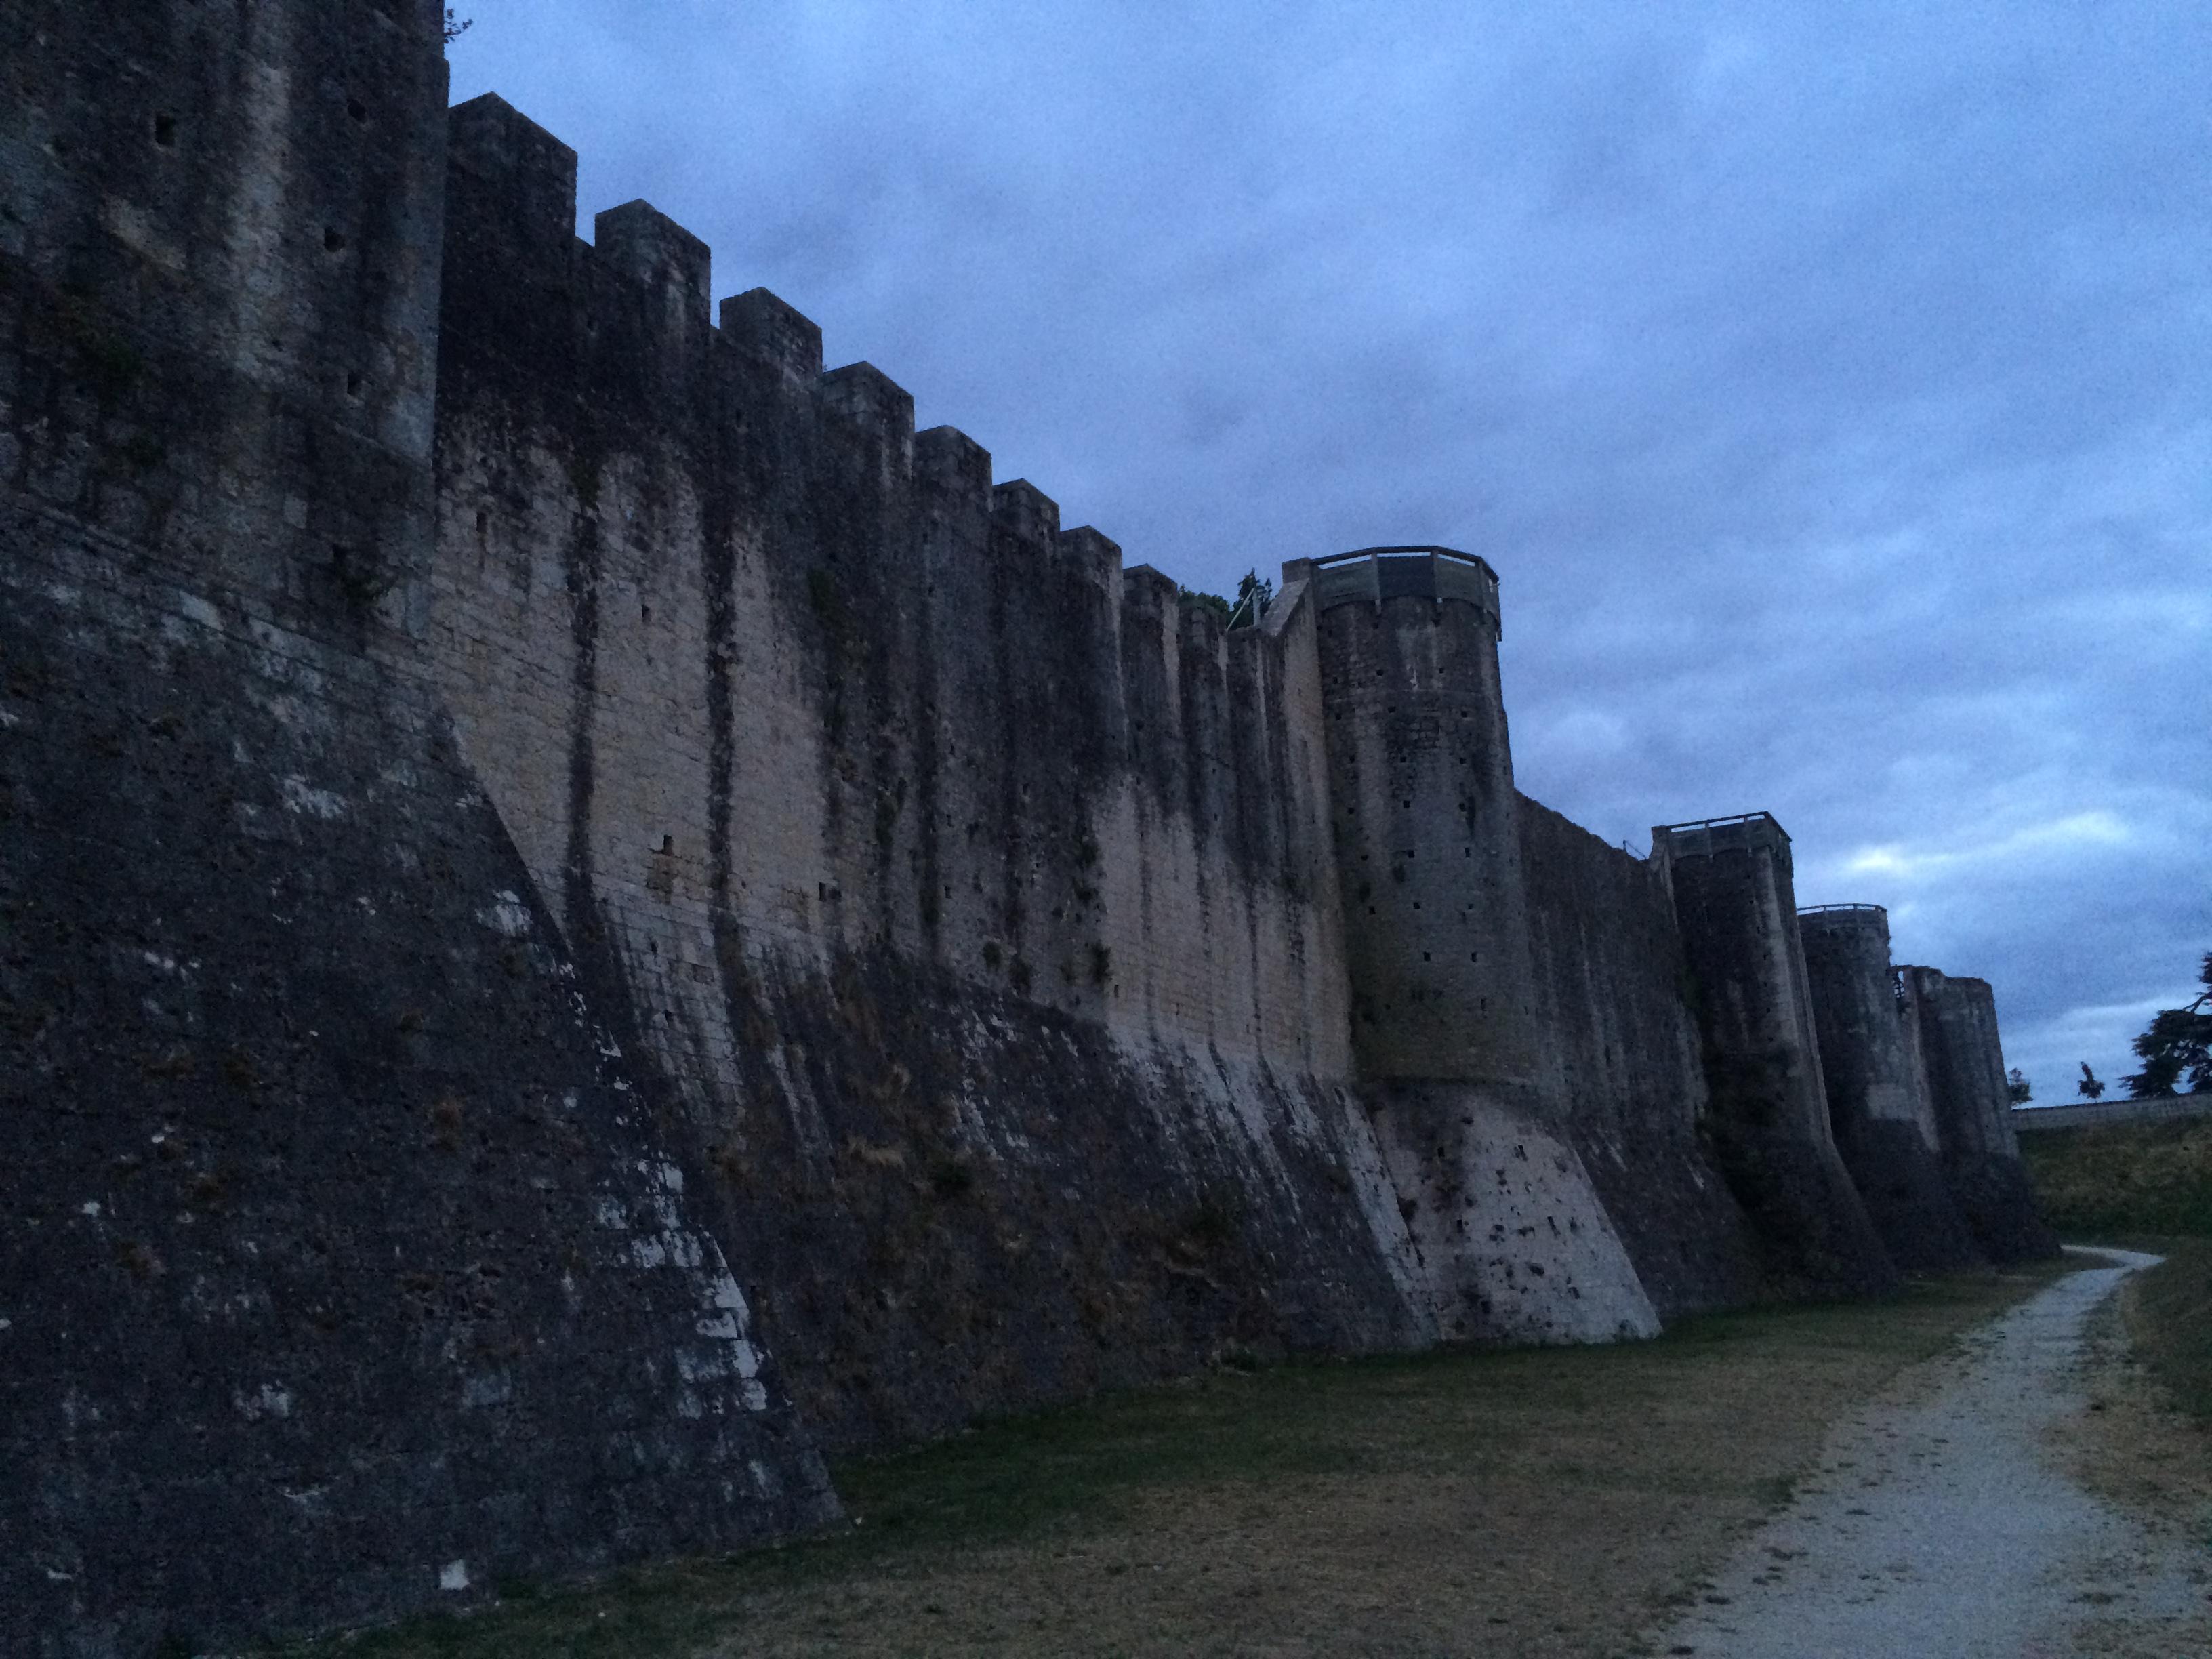 Provins une cit m di vale accueillant les foires de champagne blog histoi - Construire sa cite medievale ...